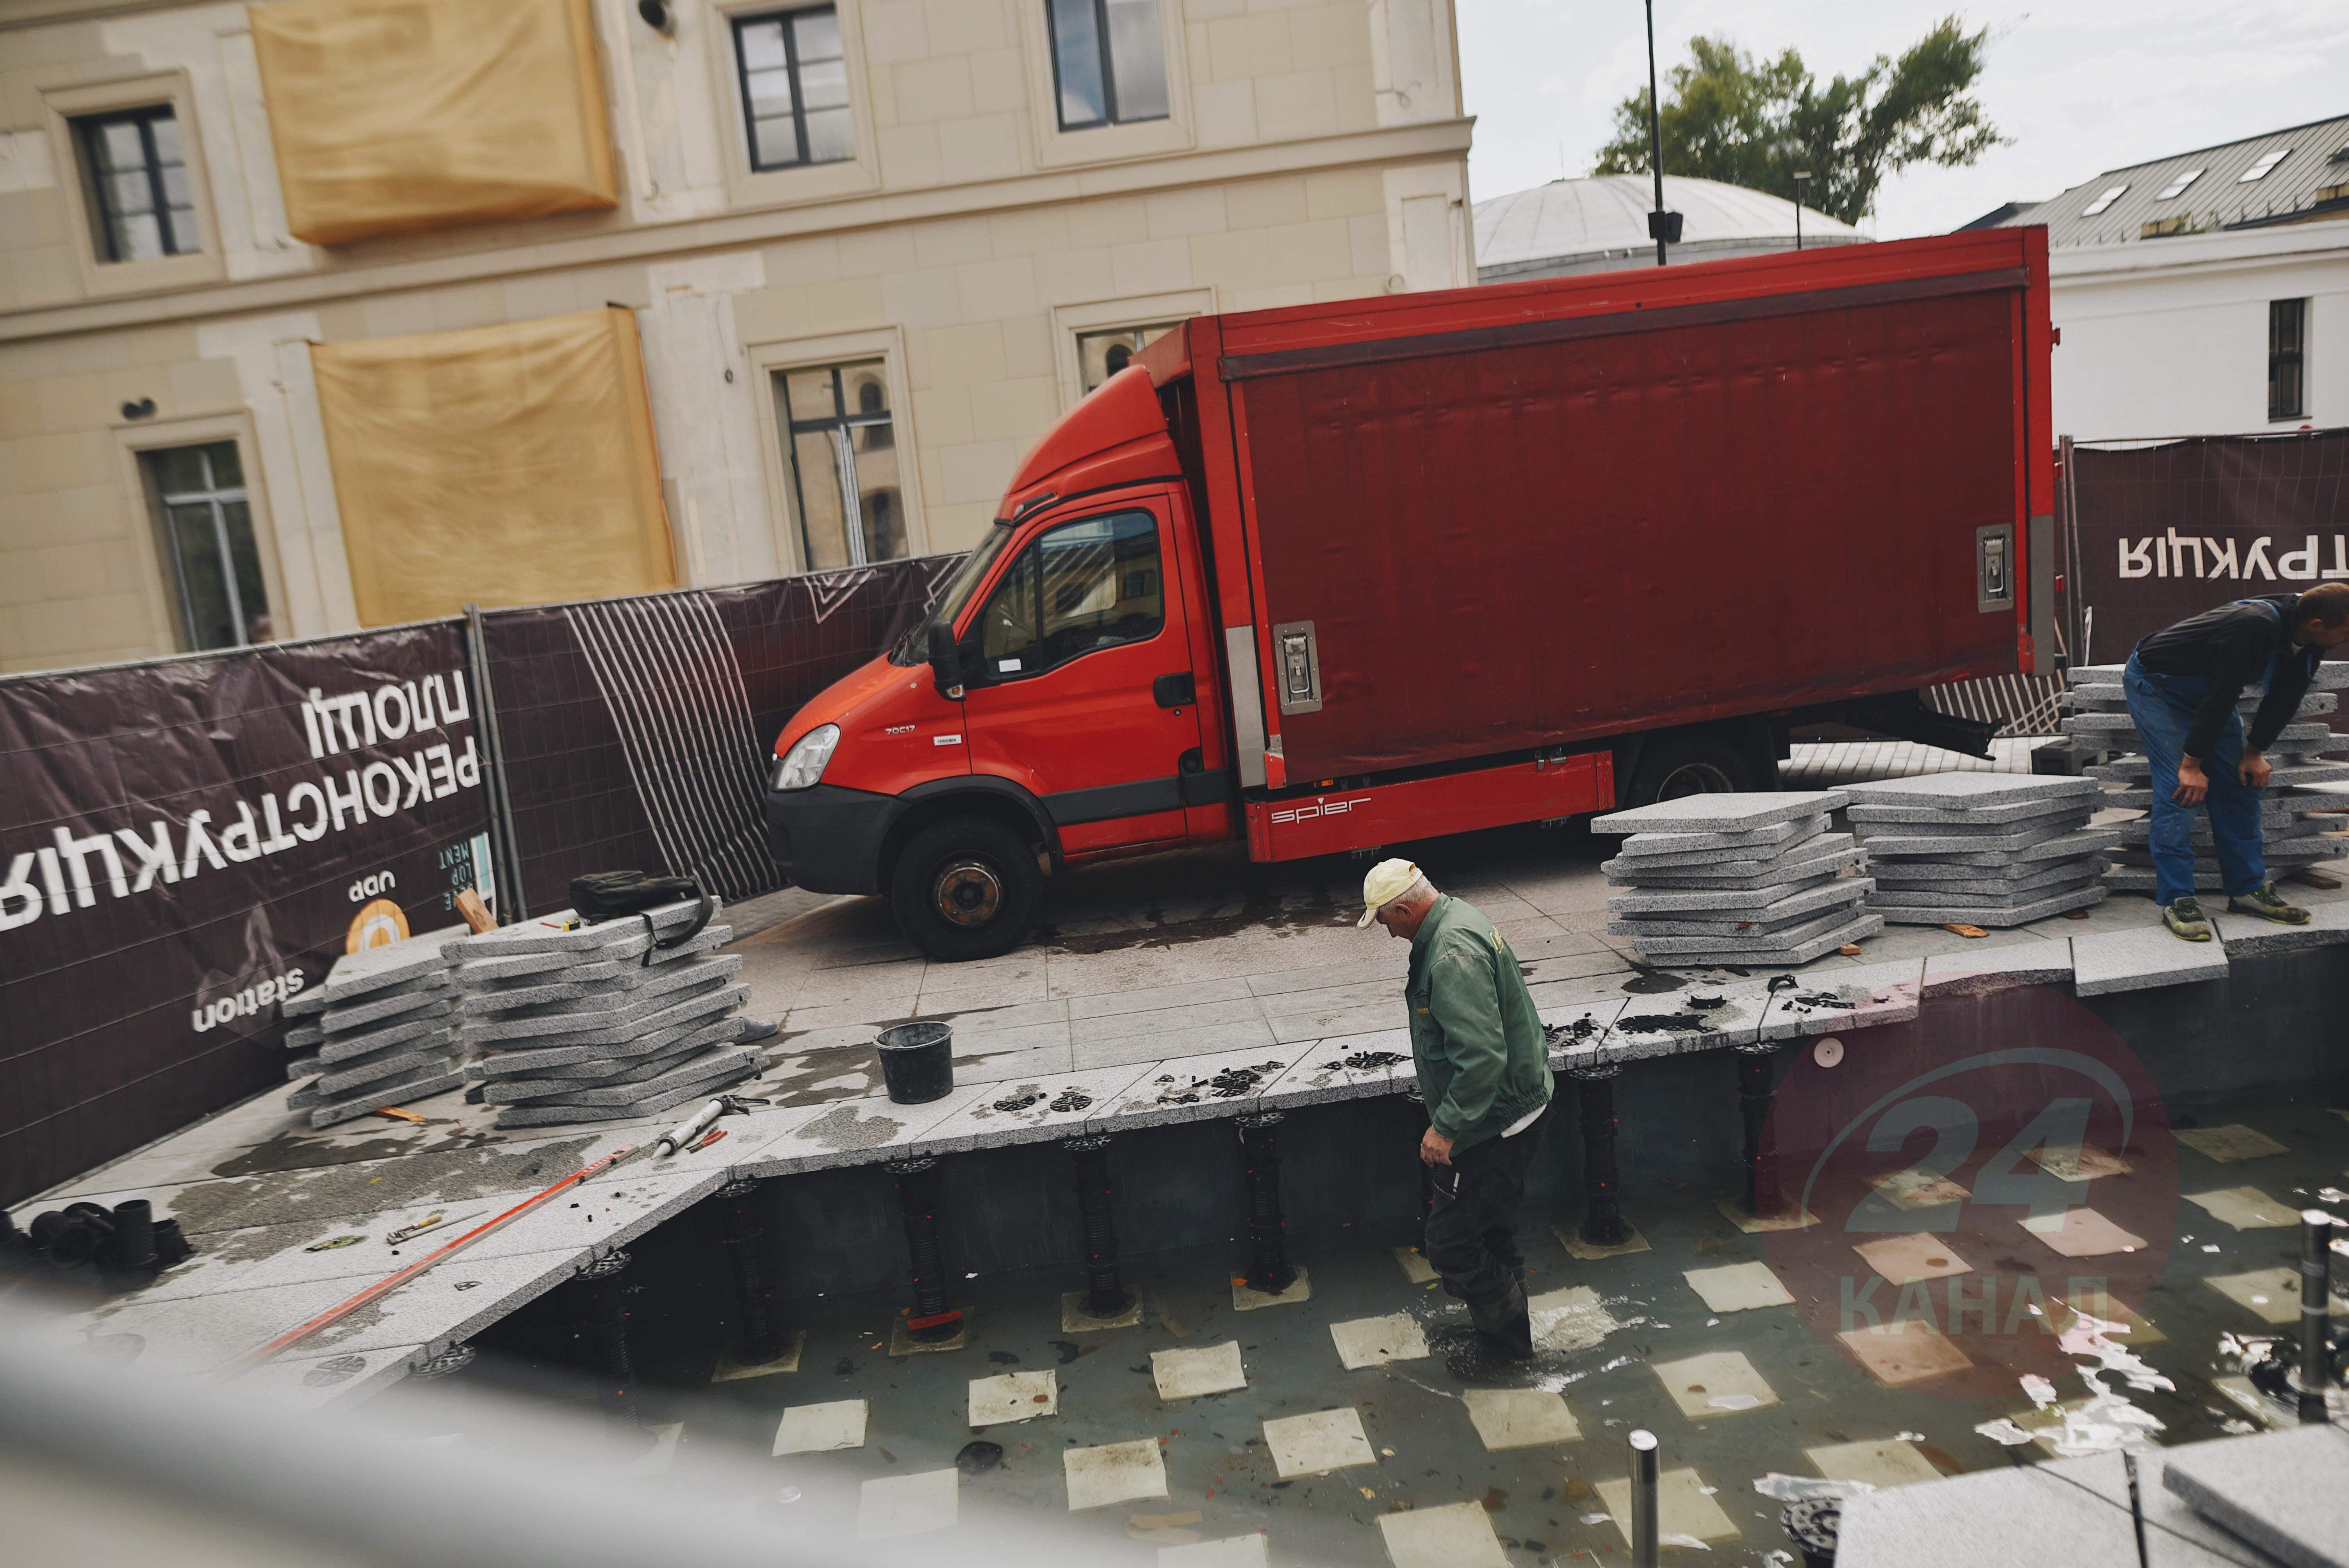 Вантажівка Влетіла Знищила фонтан 2 вересня 2021